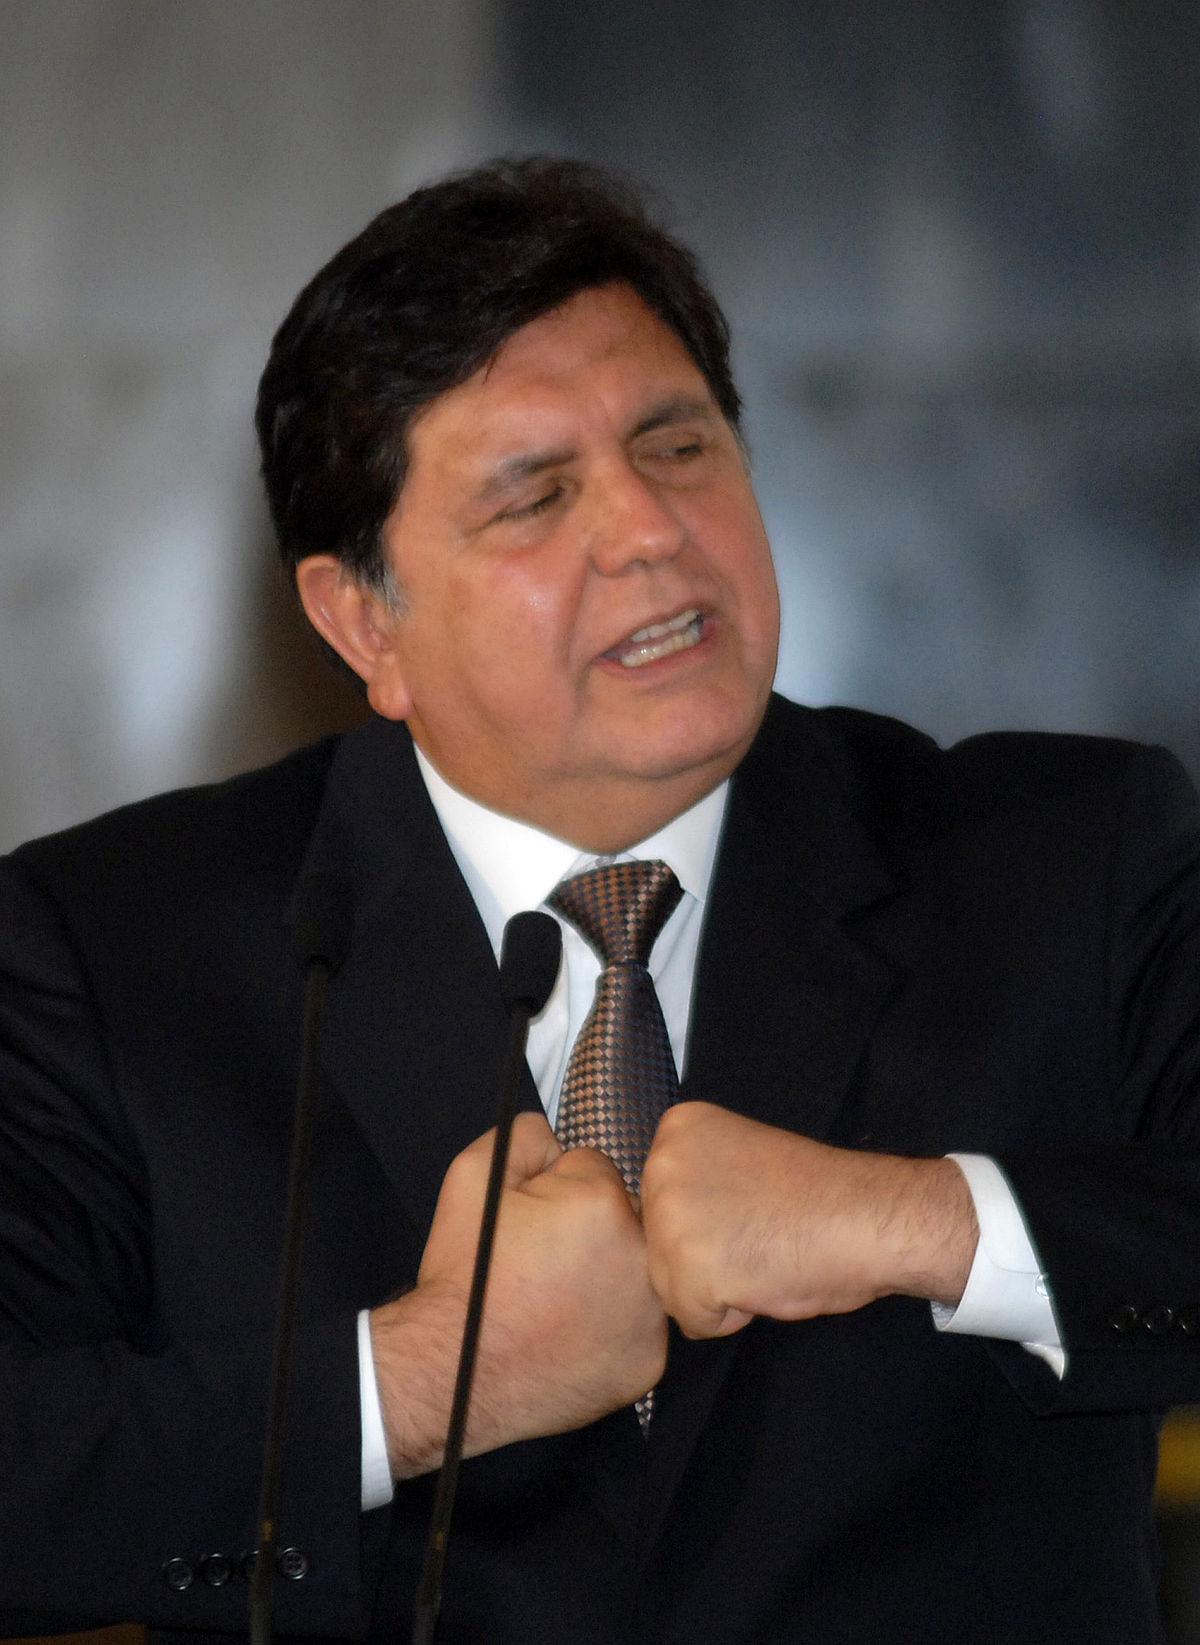 صورة رئيس سابق للبيرو يحاول الانتحار قبيل توقيفه في قضية فساد